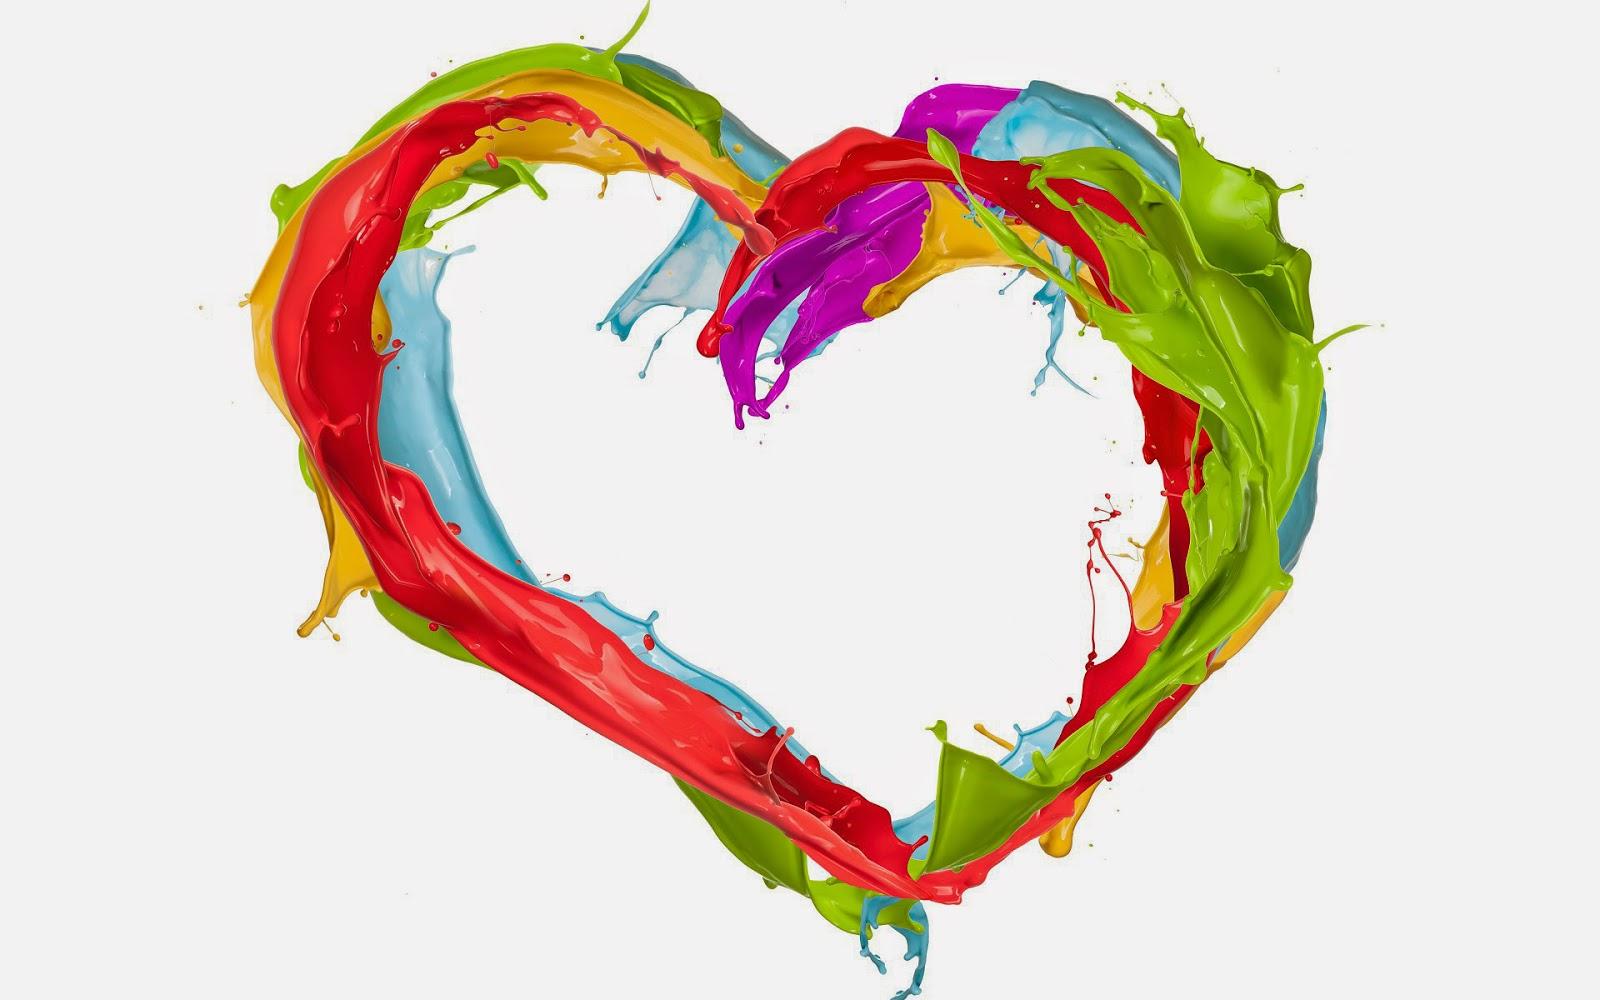 Achtergrond met liefdes hartje gemaakt van verf